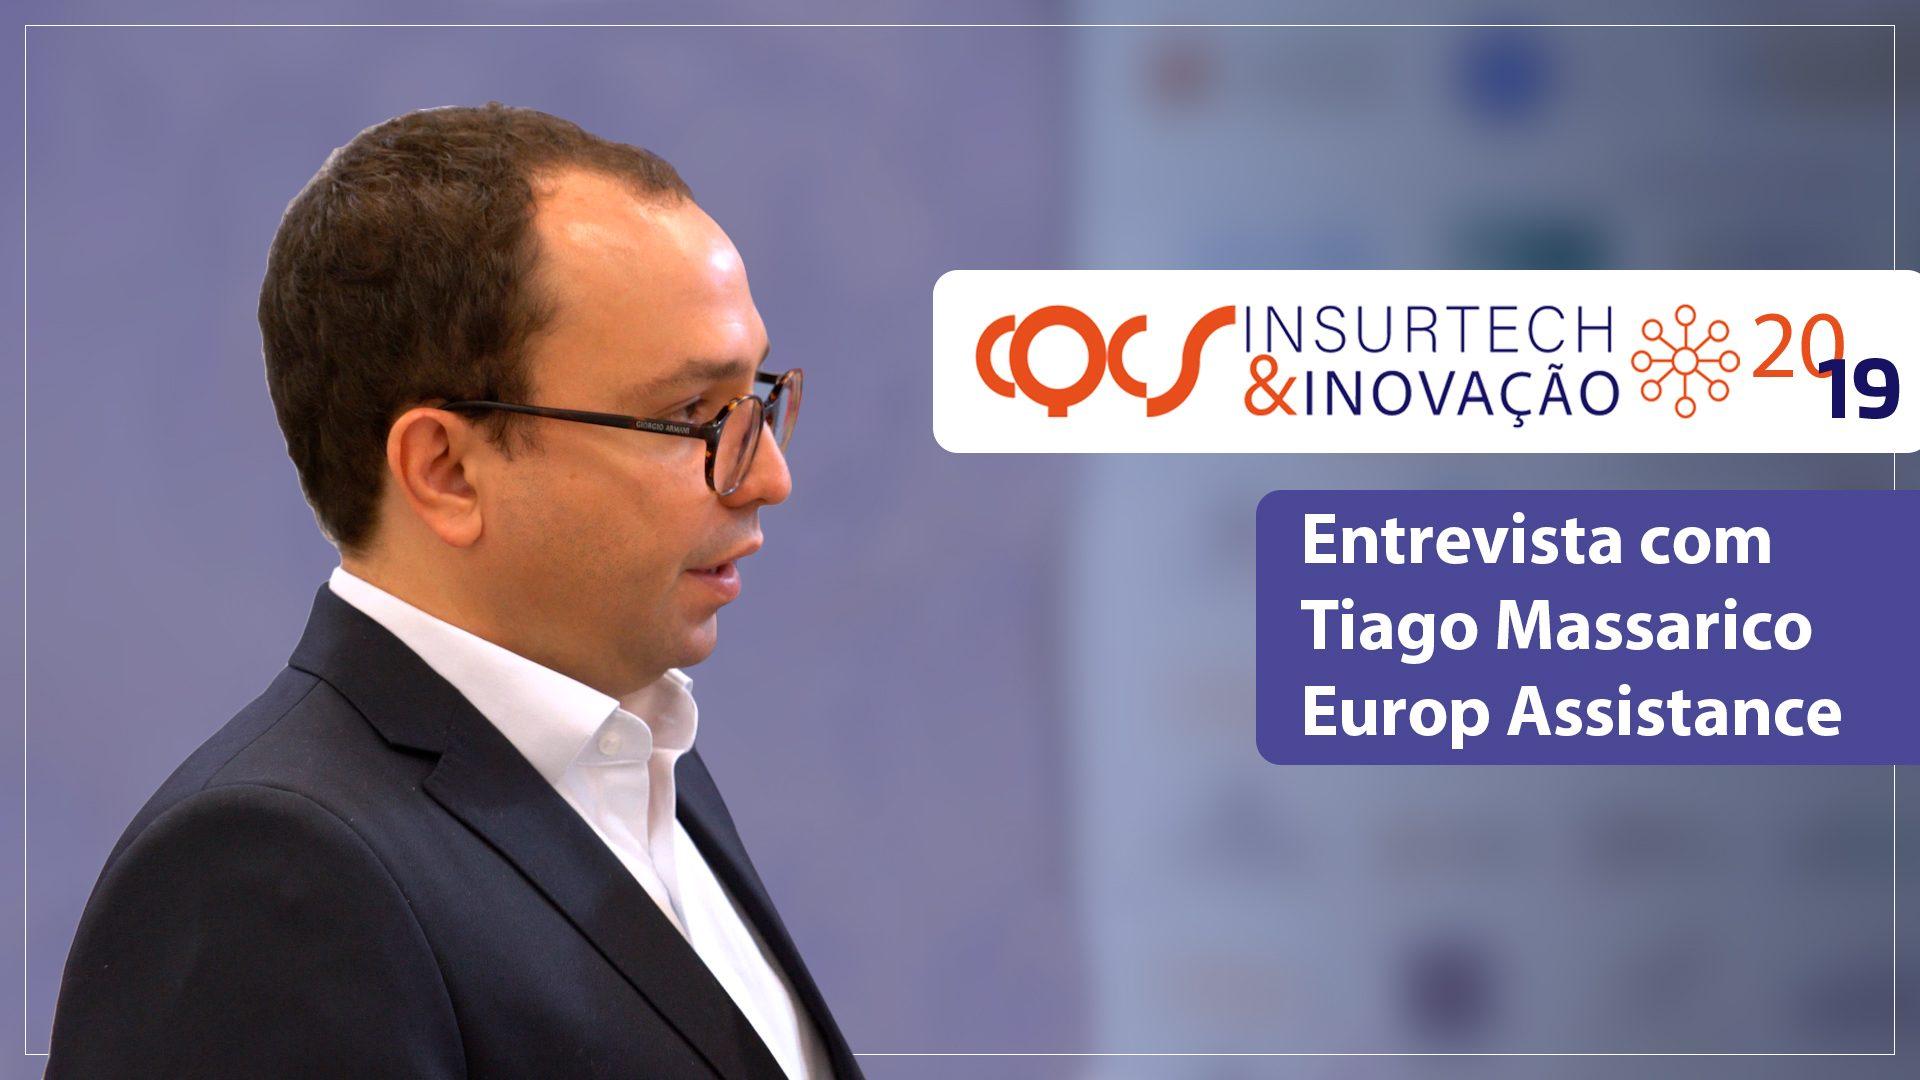 CQCS Insurtech & Inovação 2019 Europ Assistance